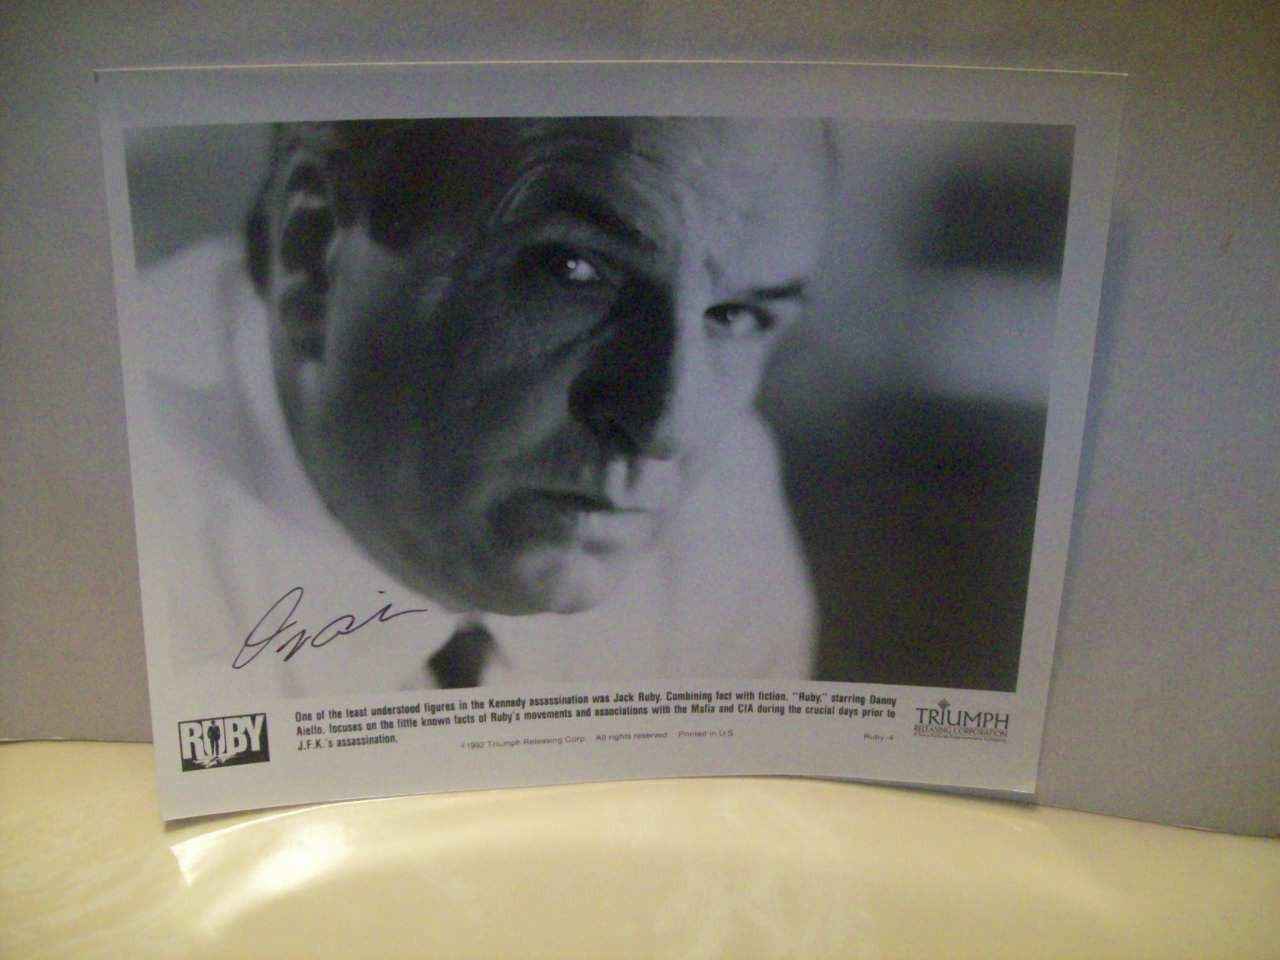 Aiello, Danny Photo Autograph Ruby 1992